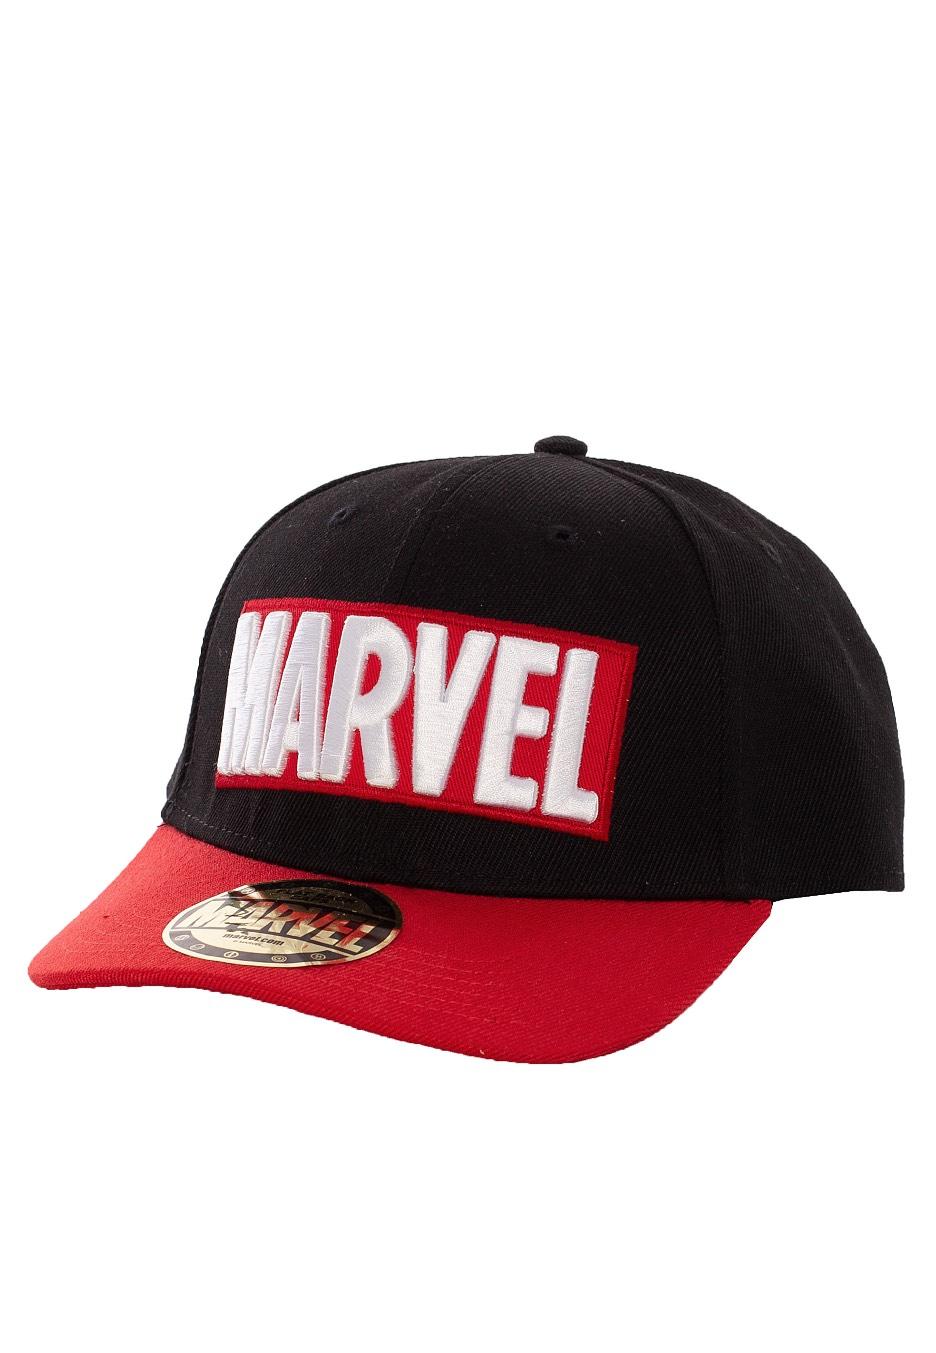 Marvel Comics Logo Baseball Cap Black Red Cap Impericon Com Us